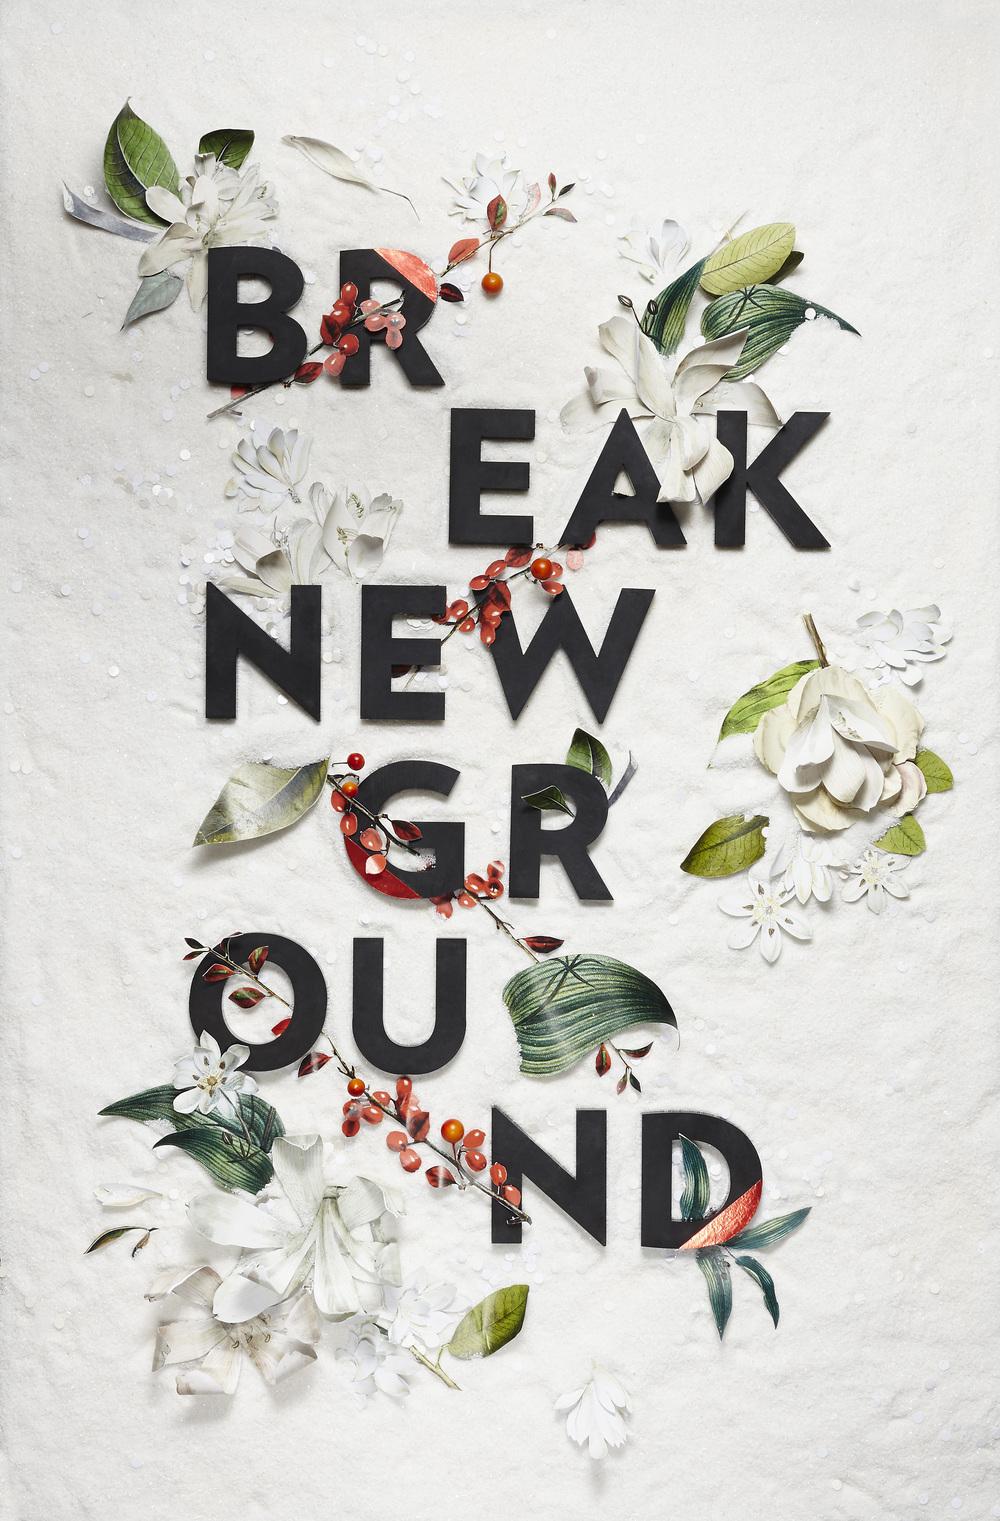 Etsy_BreakNewGround_Nicole-Licht